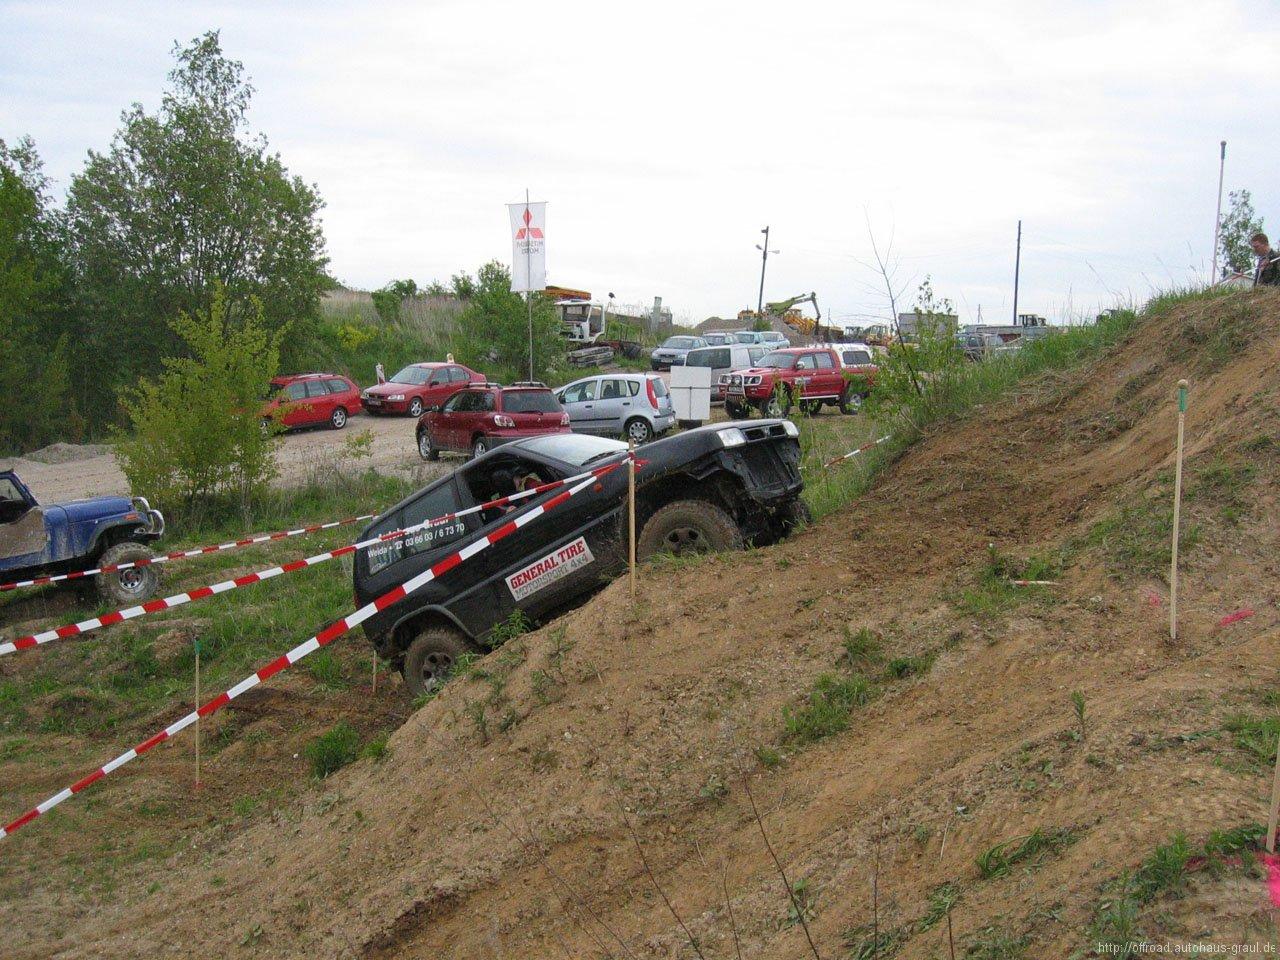 Trail Chemnitz - 2005 - Bild 11